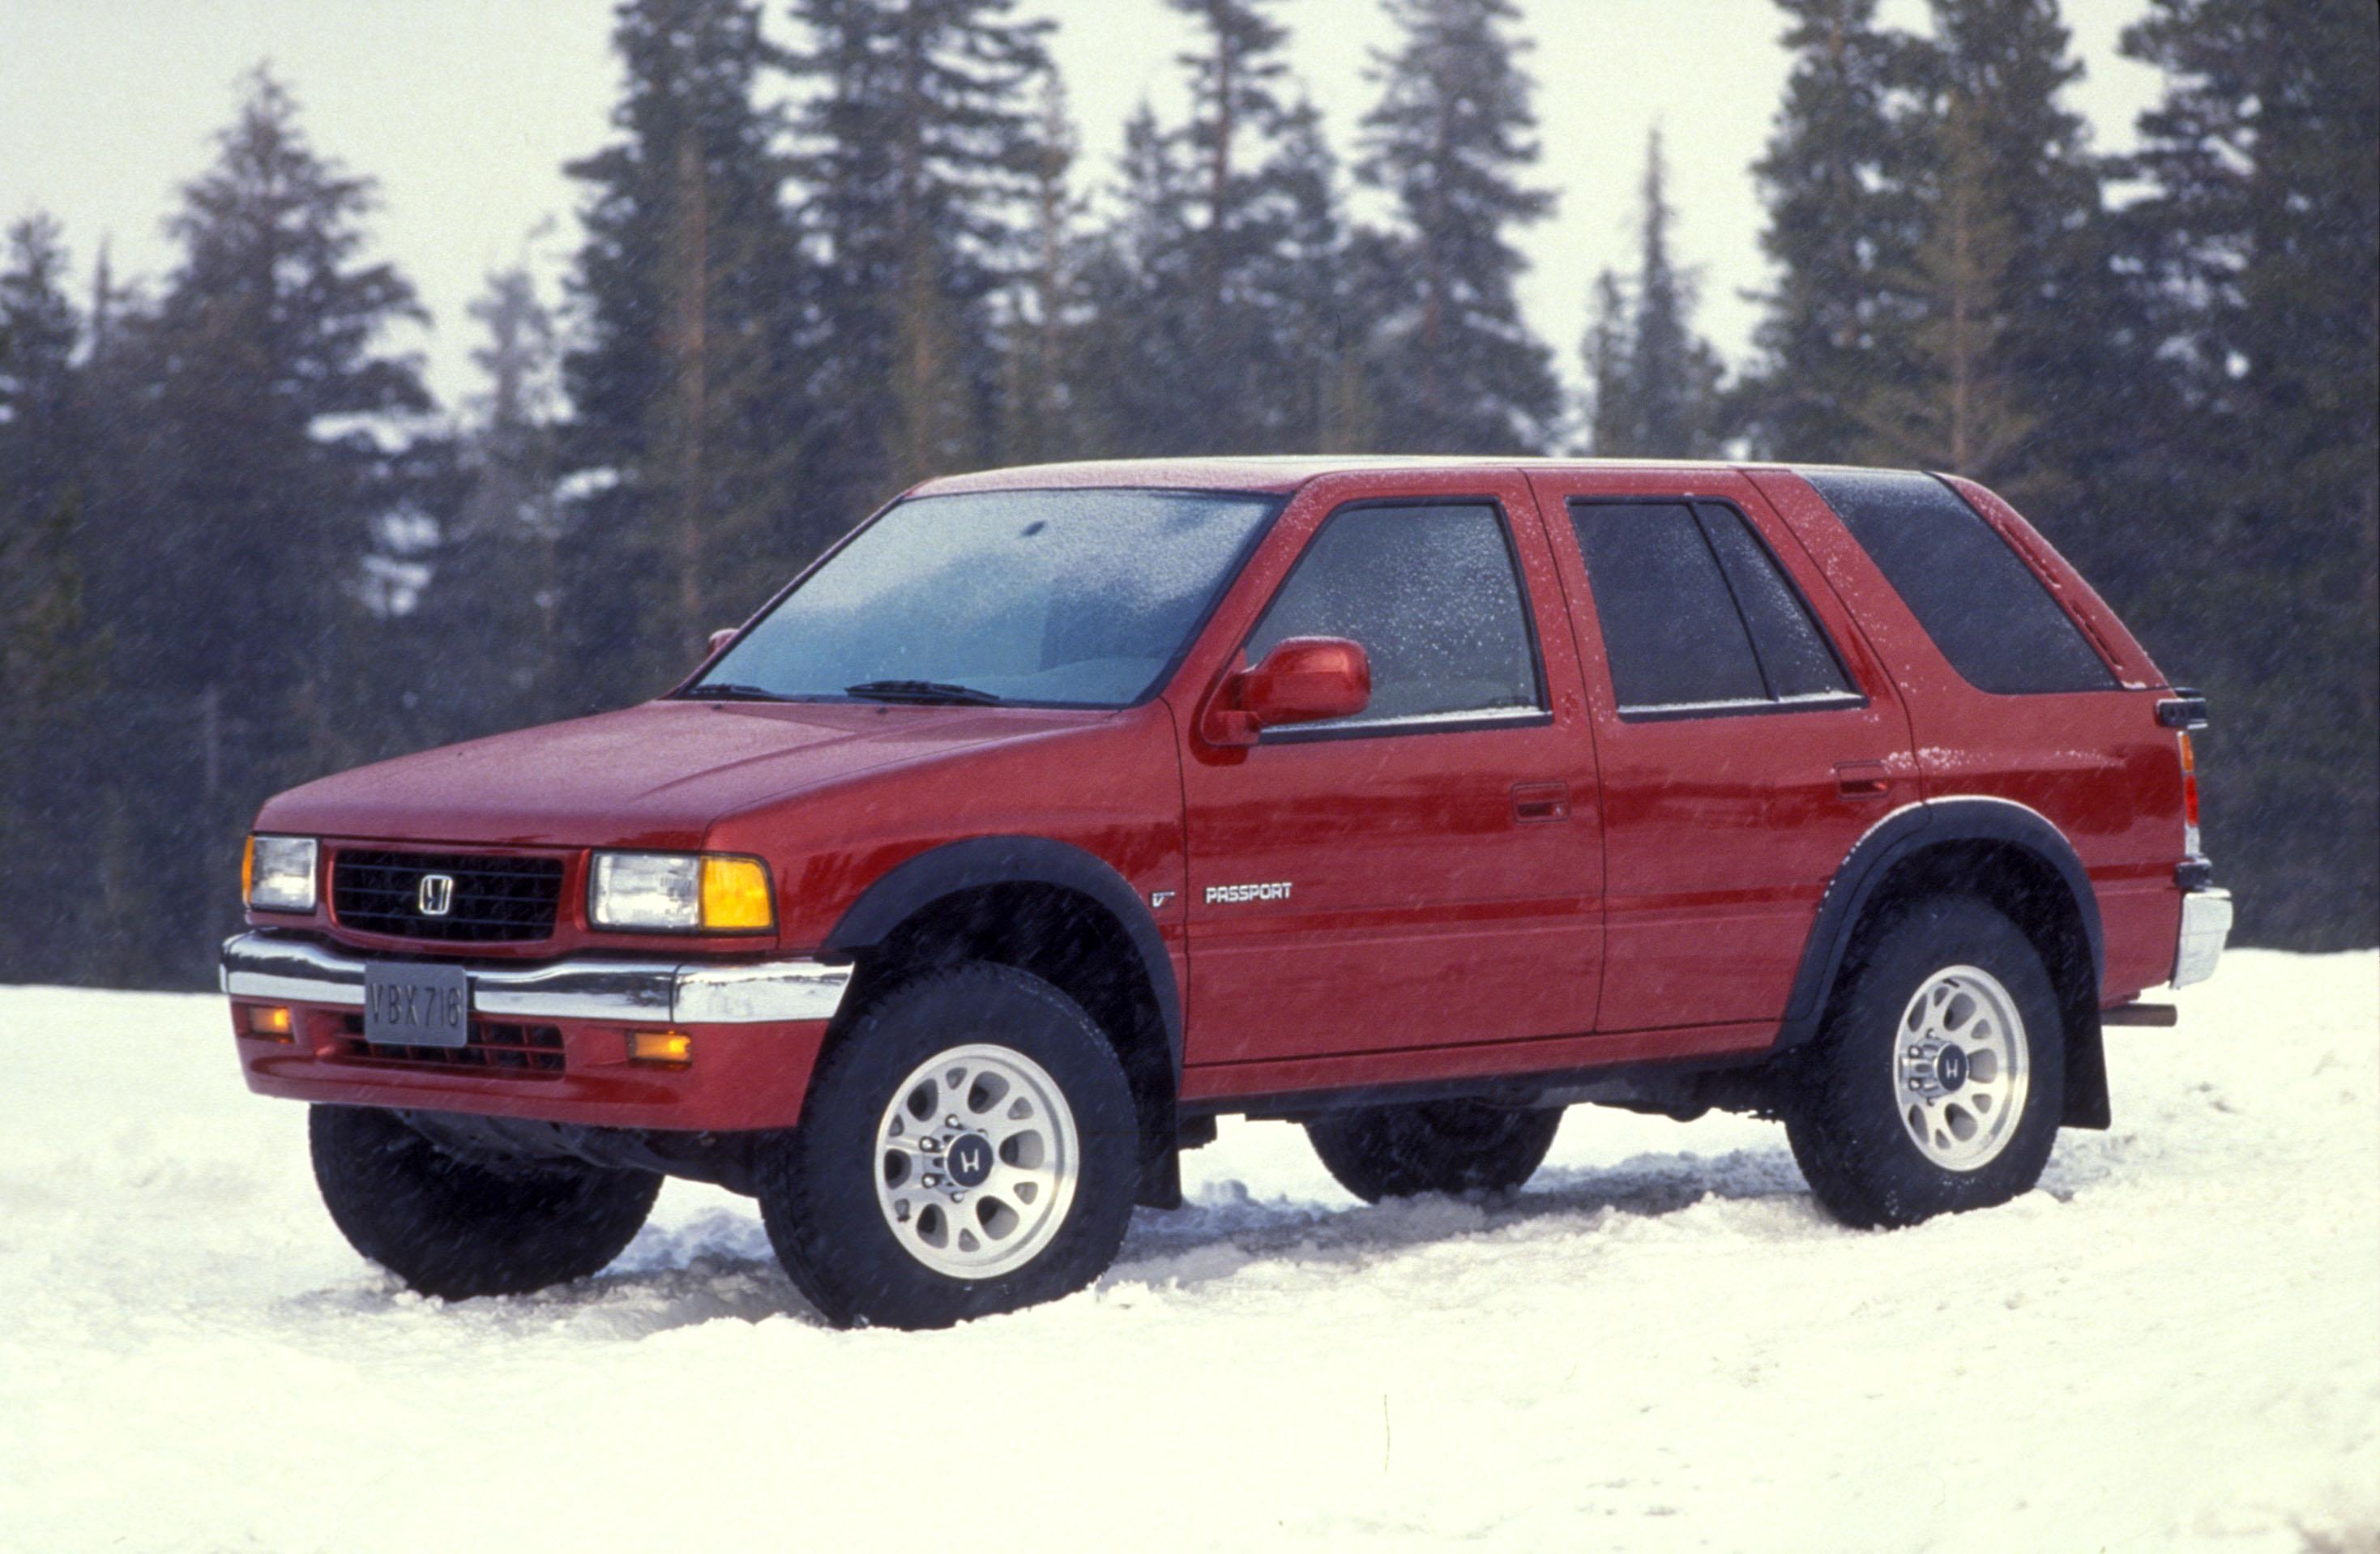 Honda Passport I 1993 - 1997 SUV 5 door :: OUTSTANDING CARS